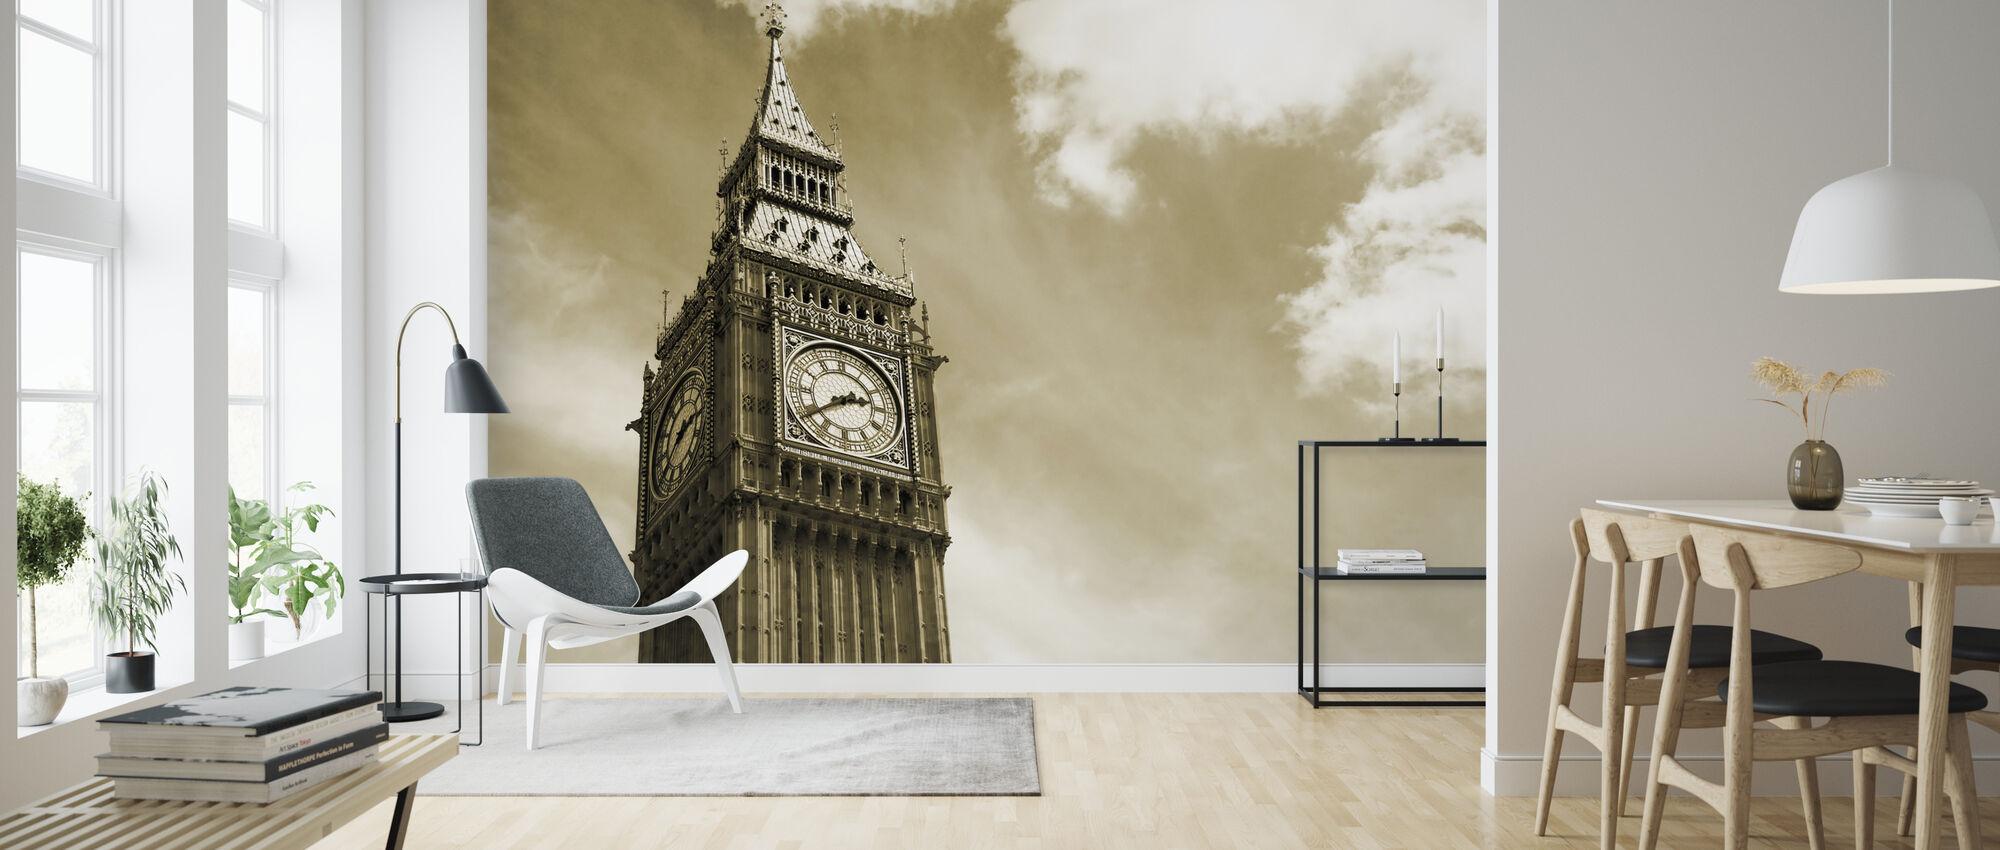 Big Ben, London, UK - Wallpaper - Living Room